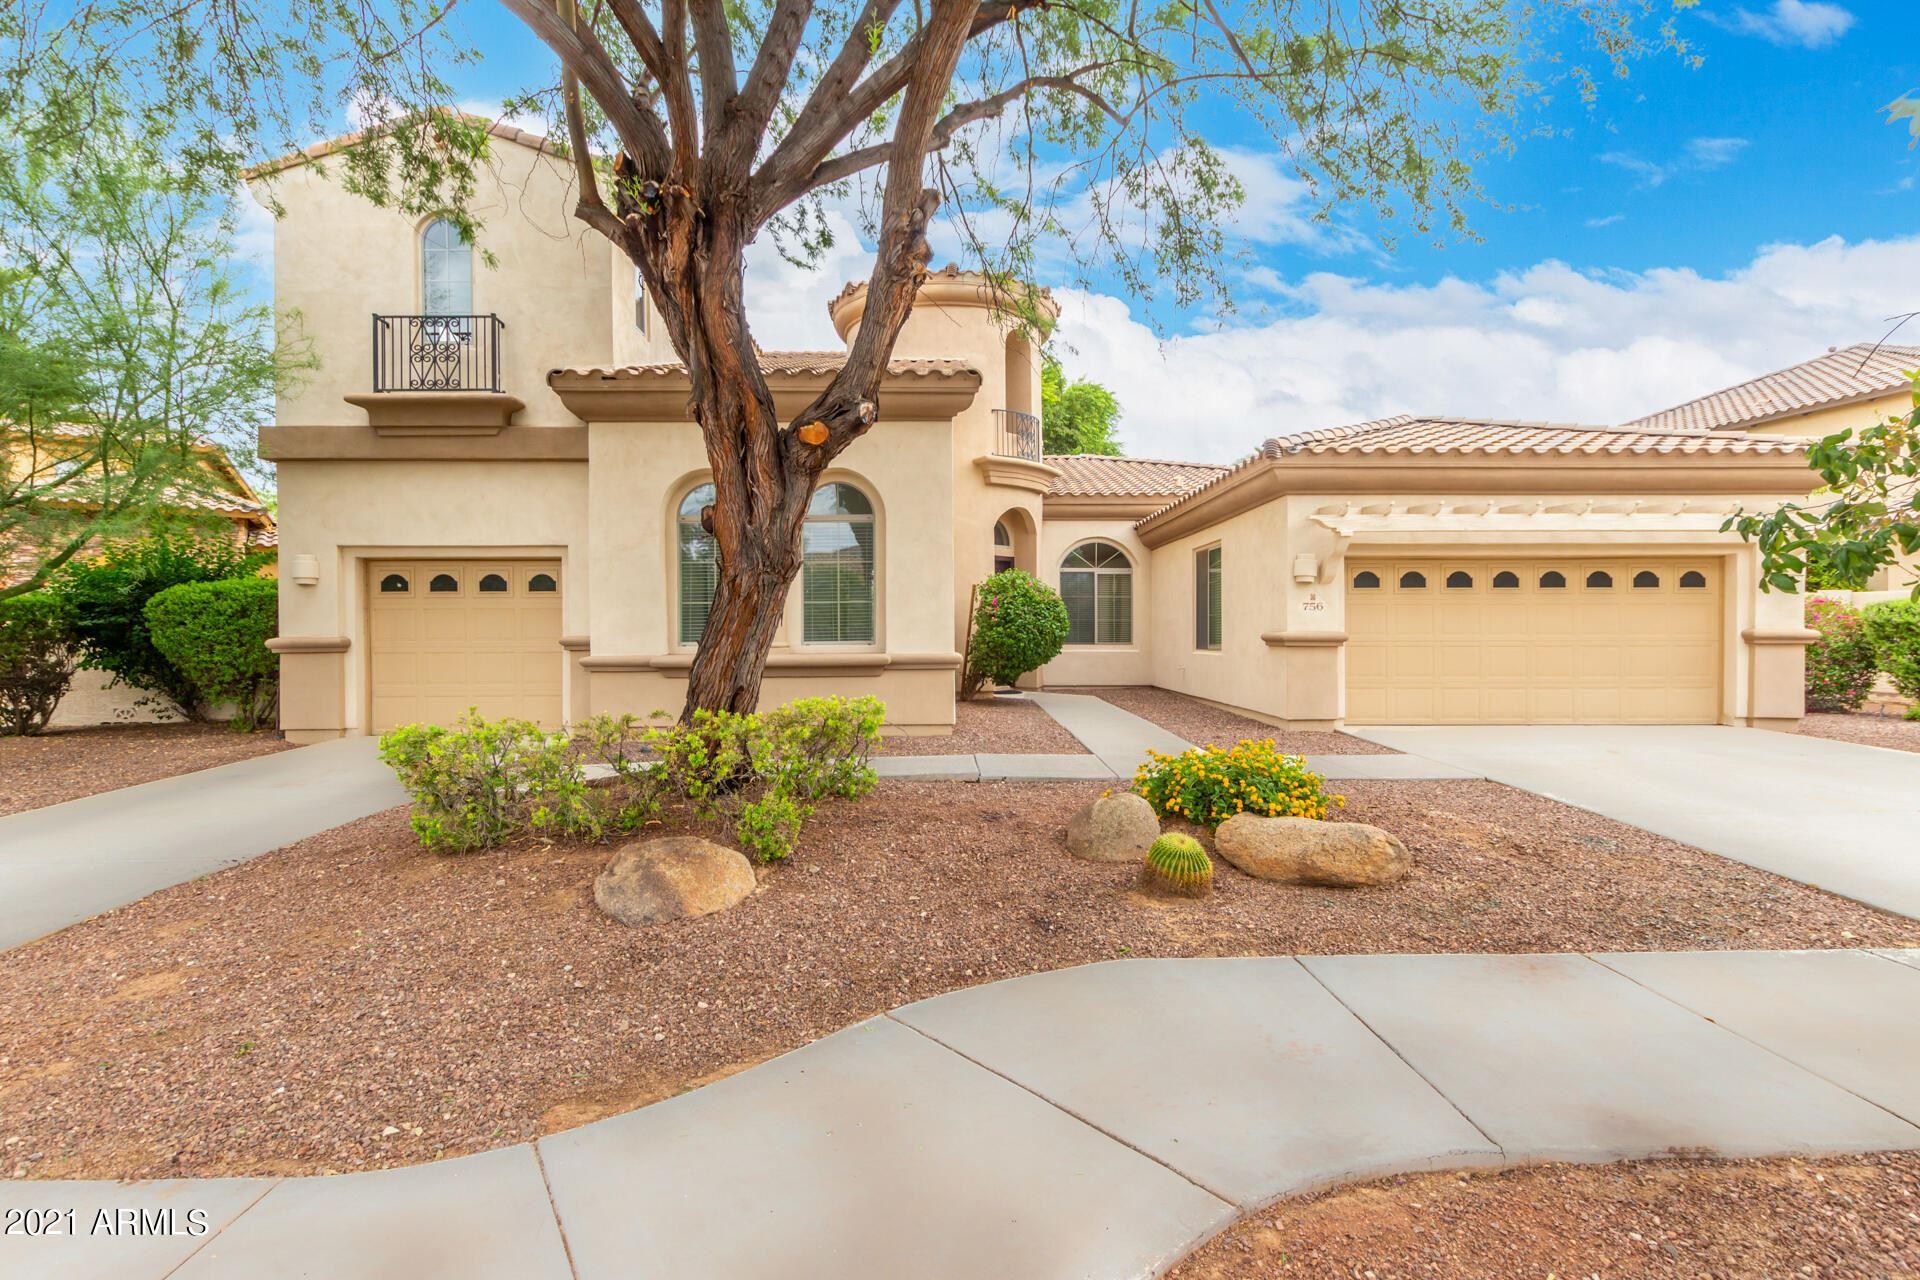 756 W Mesquite Lane, Litchfield Park, AZ 85340 - MLS#: 6288485